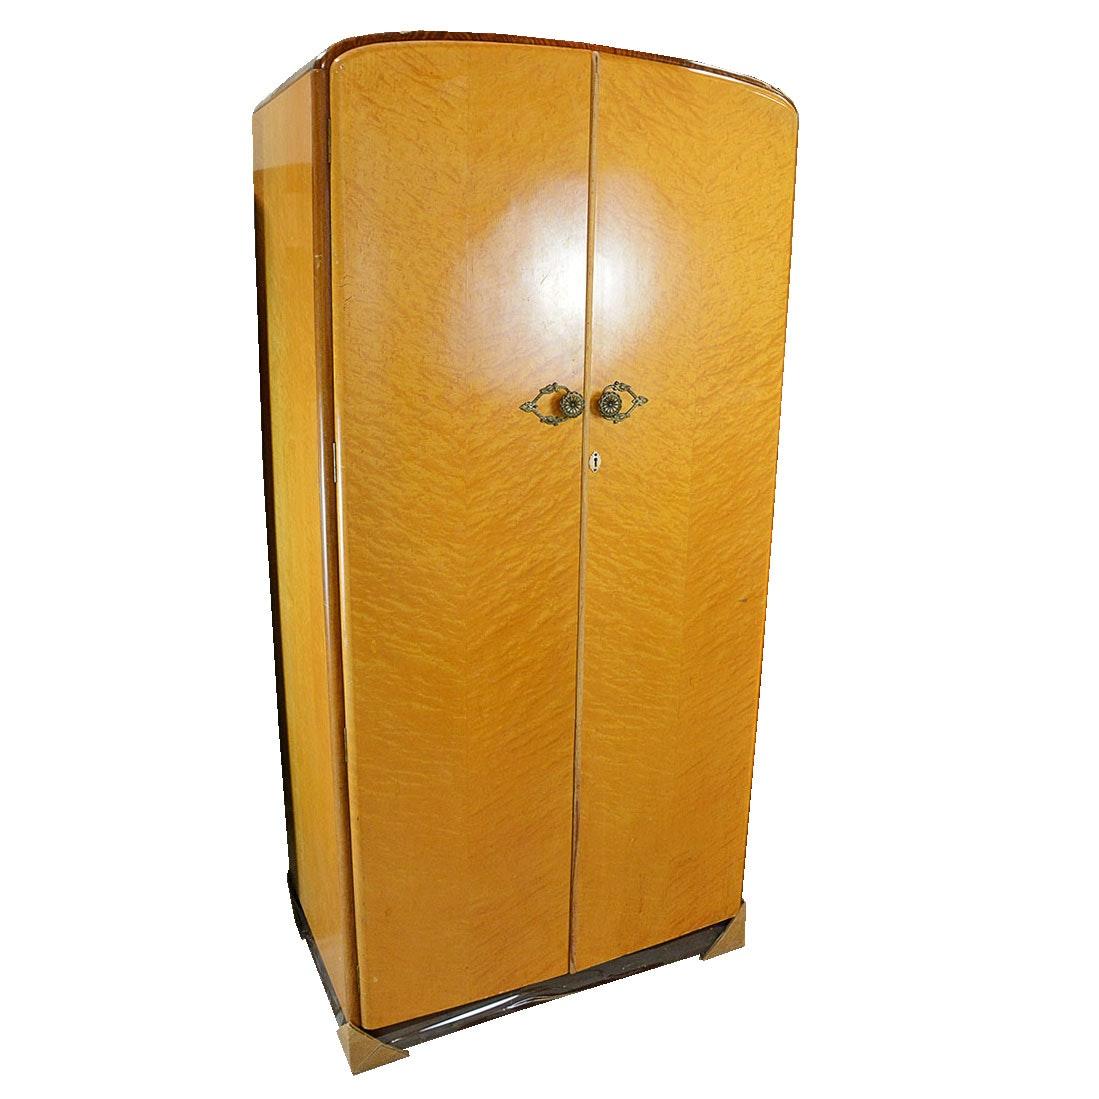 Art Deco Birdseye Maple Wardrobe By Majority Furniture ...